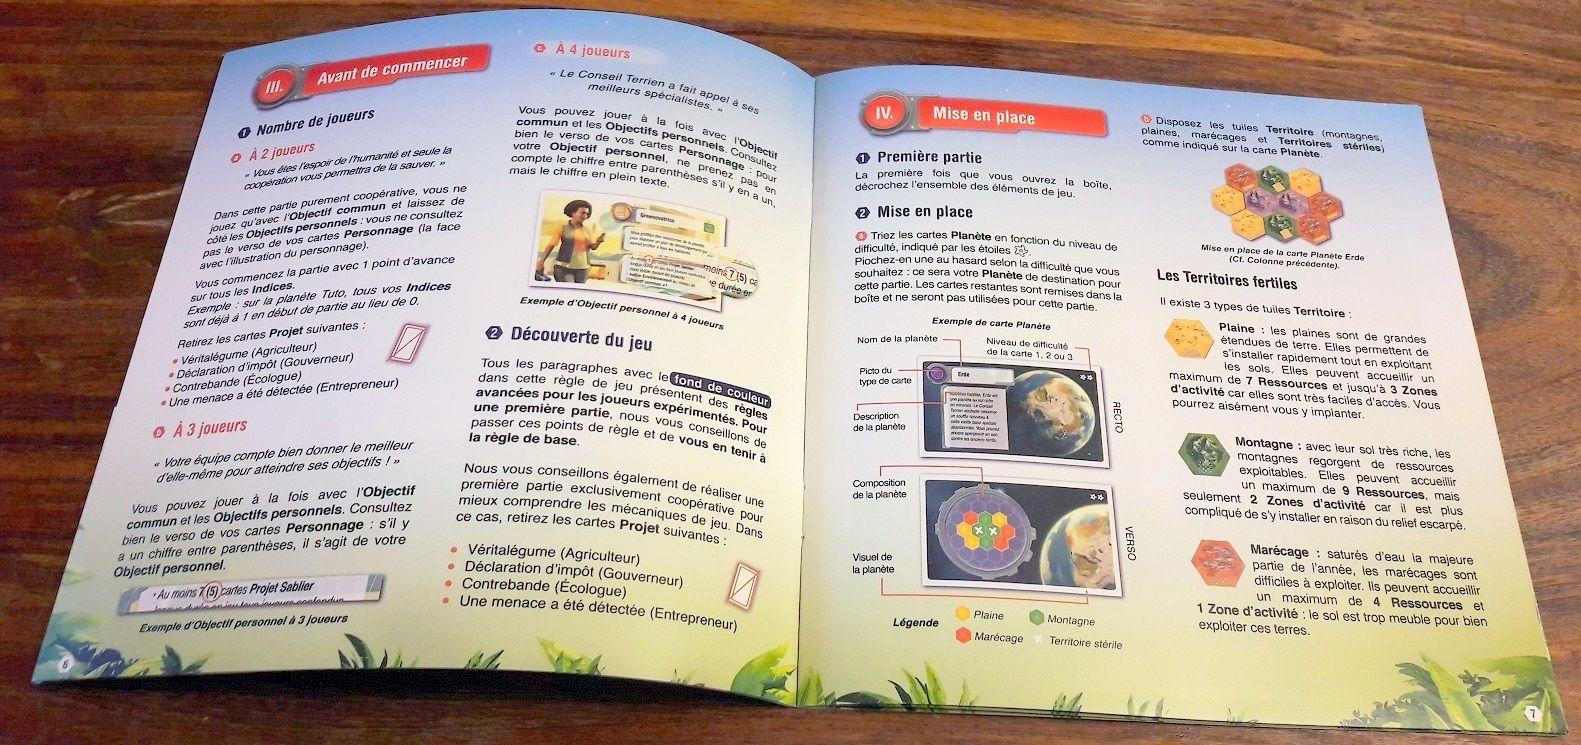 Un livret en couleur bien illustré et rempli d'exemples ; on regrettera la non mise en avant des points importants (en gras par exemple).